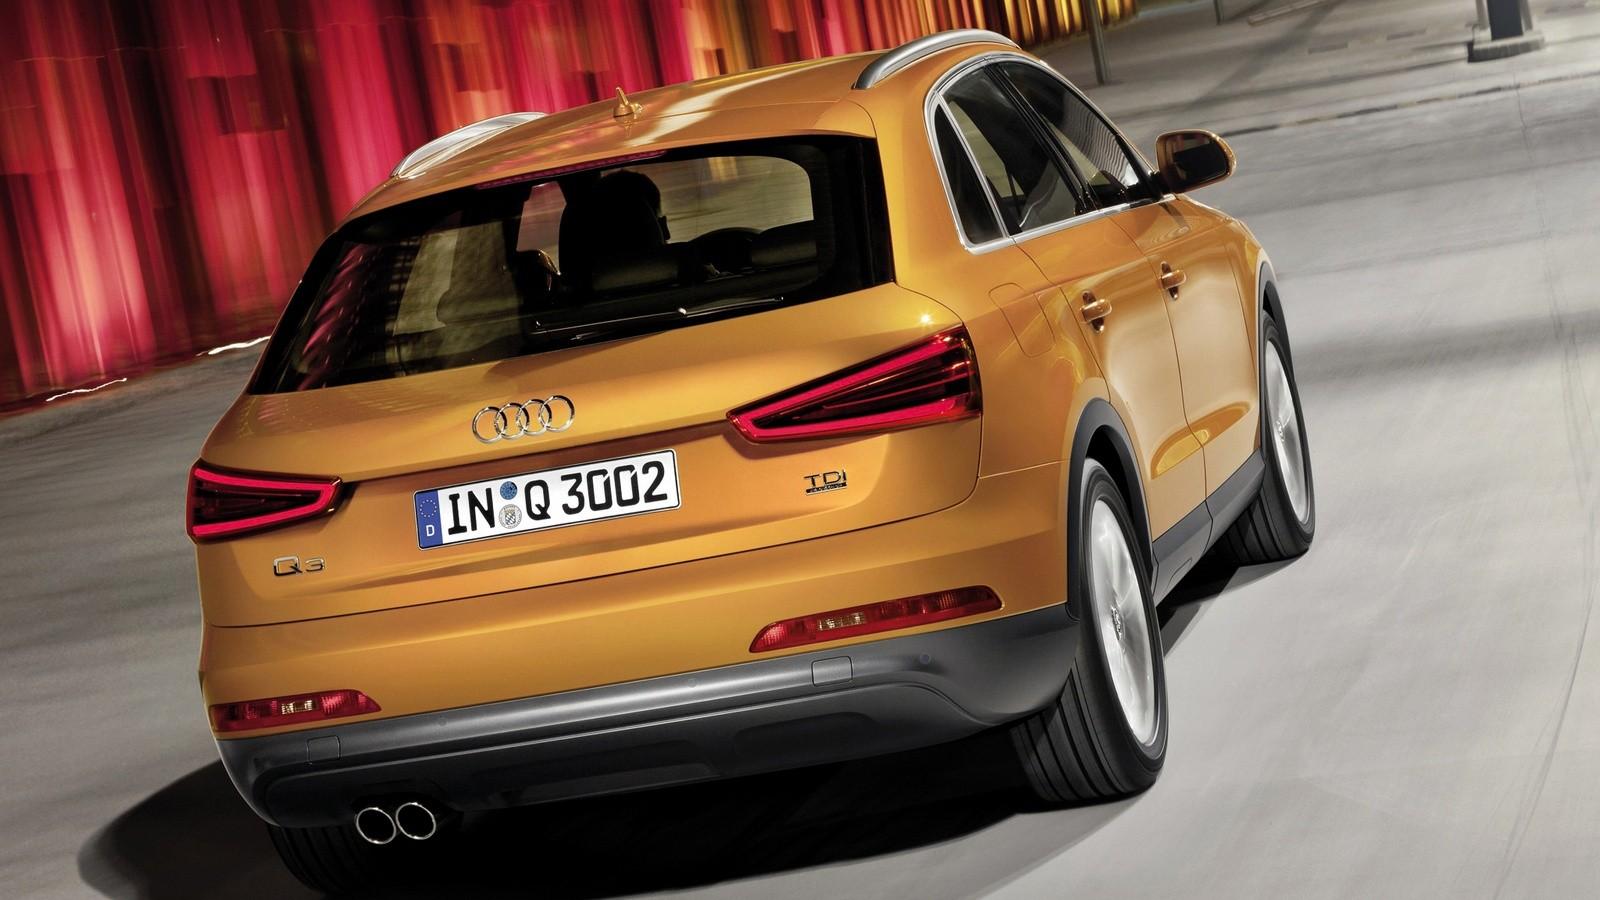 Audi Q3 2.0 TDI quattro (8U) '2011–15хэ